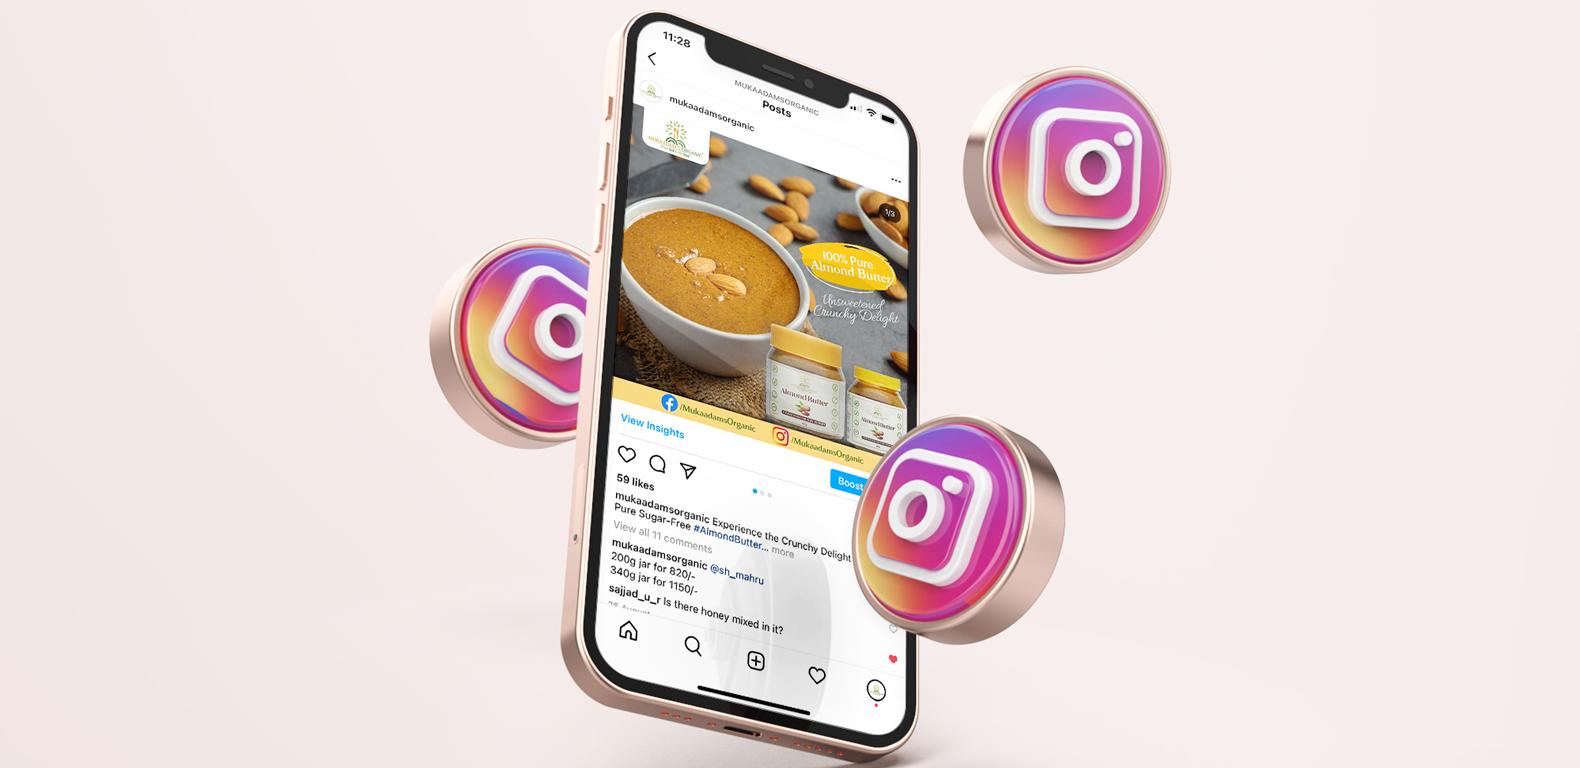 social-media-marketing-mukaadams-organic-Instagram-posts-2